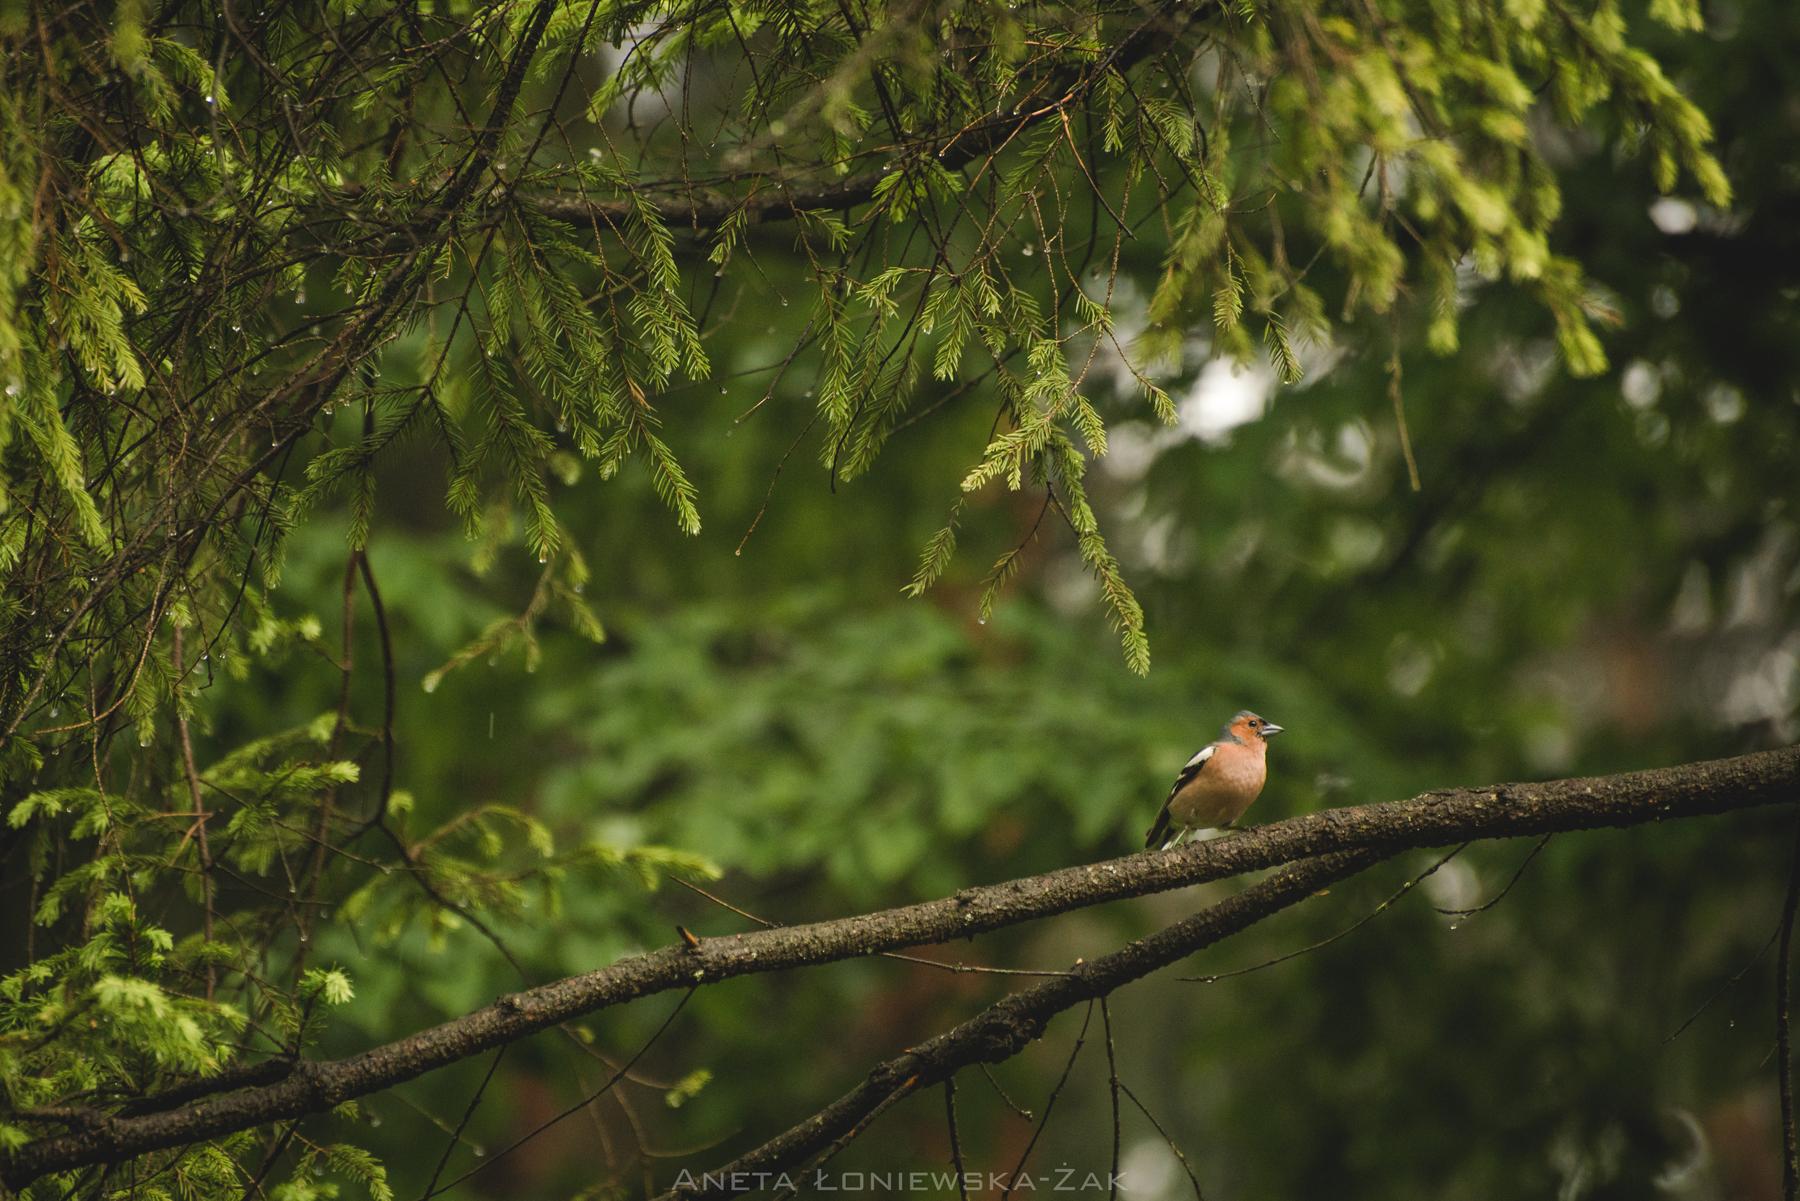 fotografia przyrodnicza, puszcza knyszyńska, zięba, las, świerk